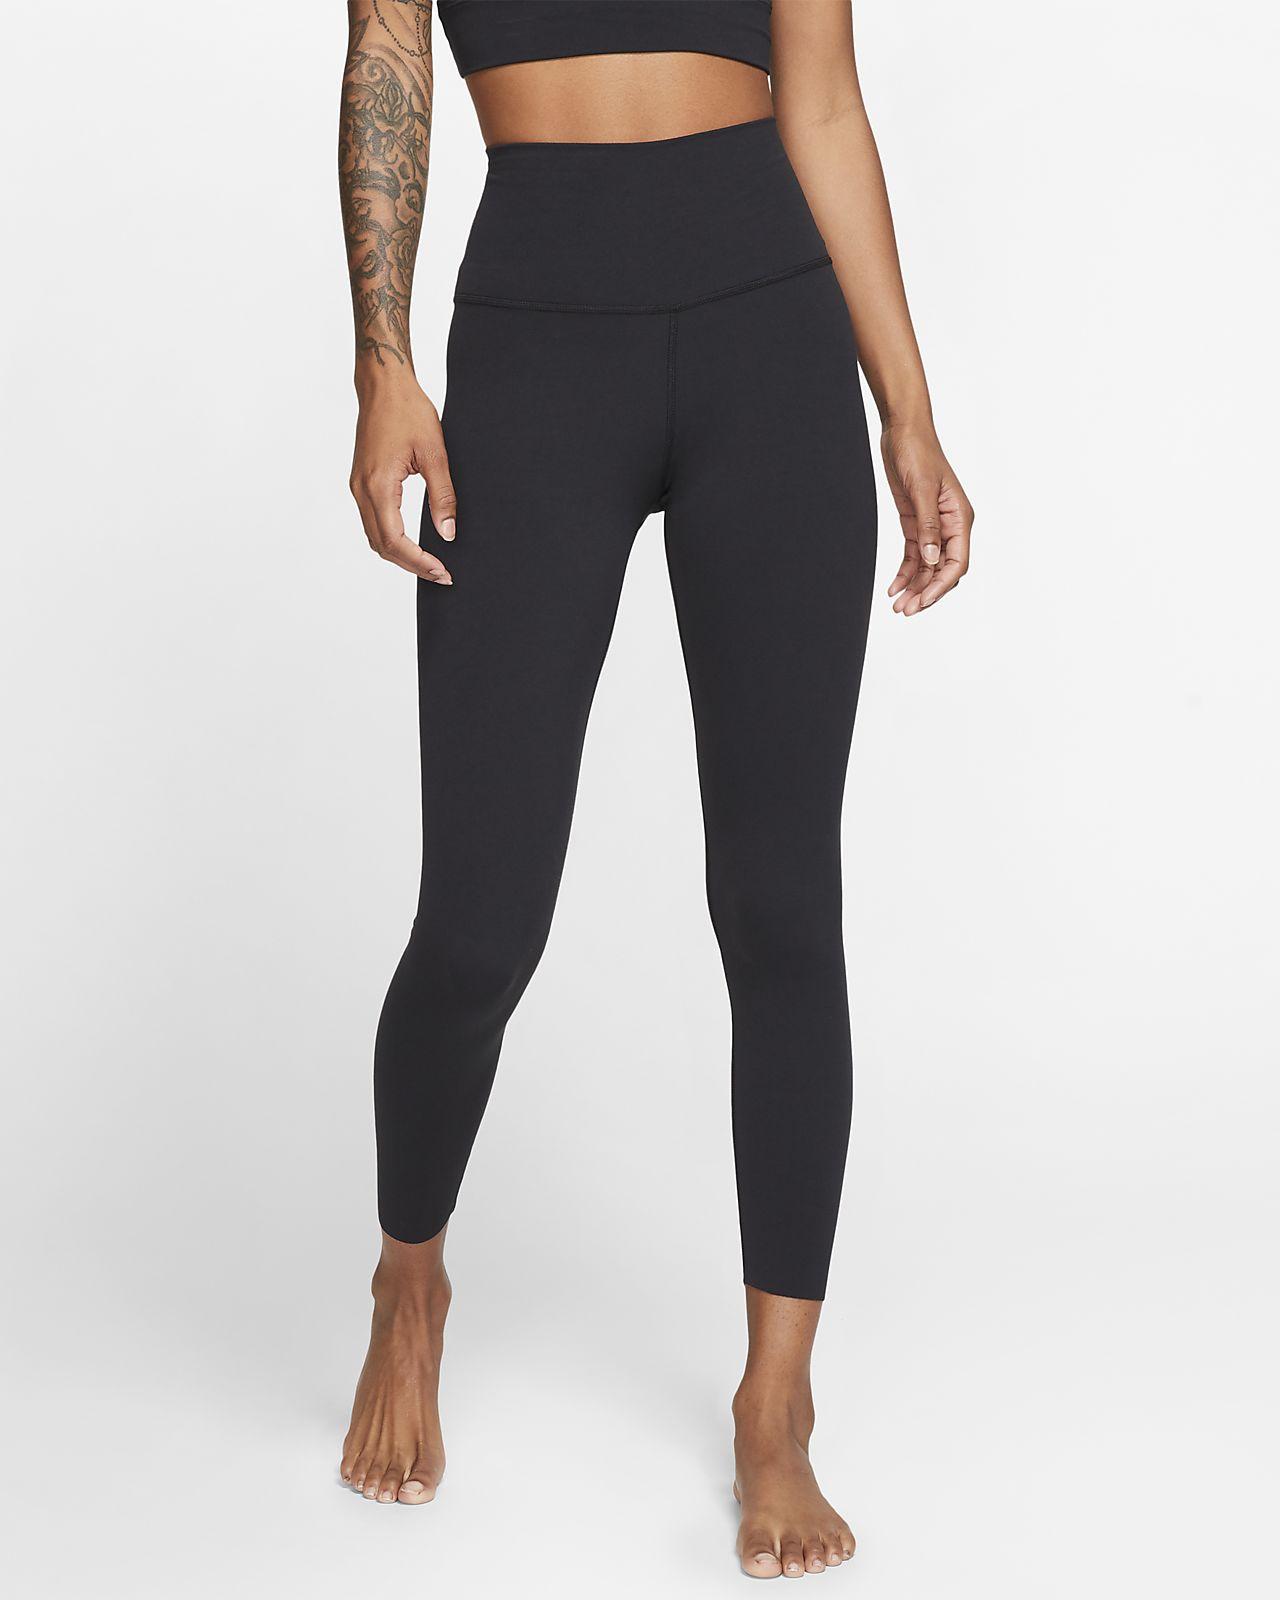 Nike Yoga Luxe Infinalon-leggings i 7/8-længde til kvinder